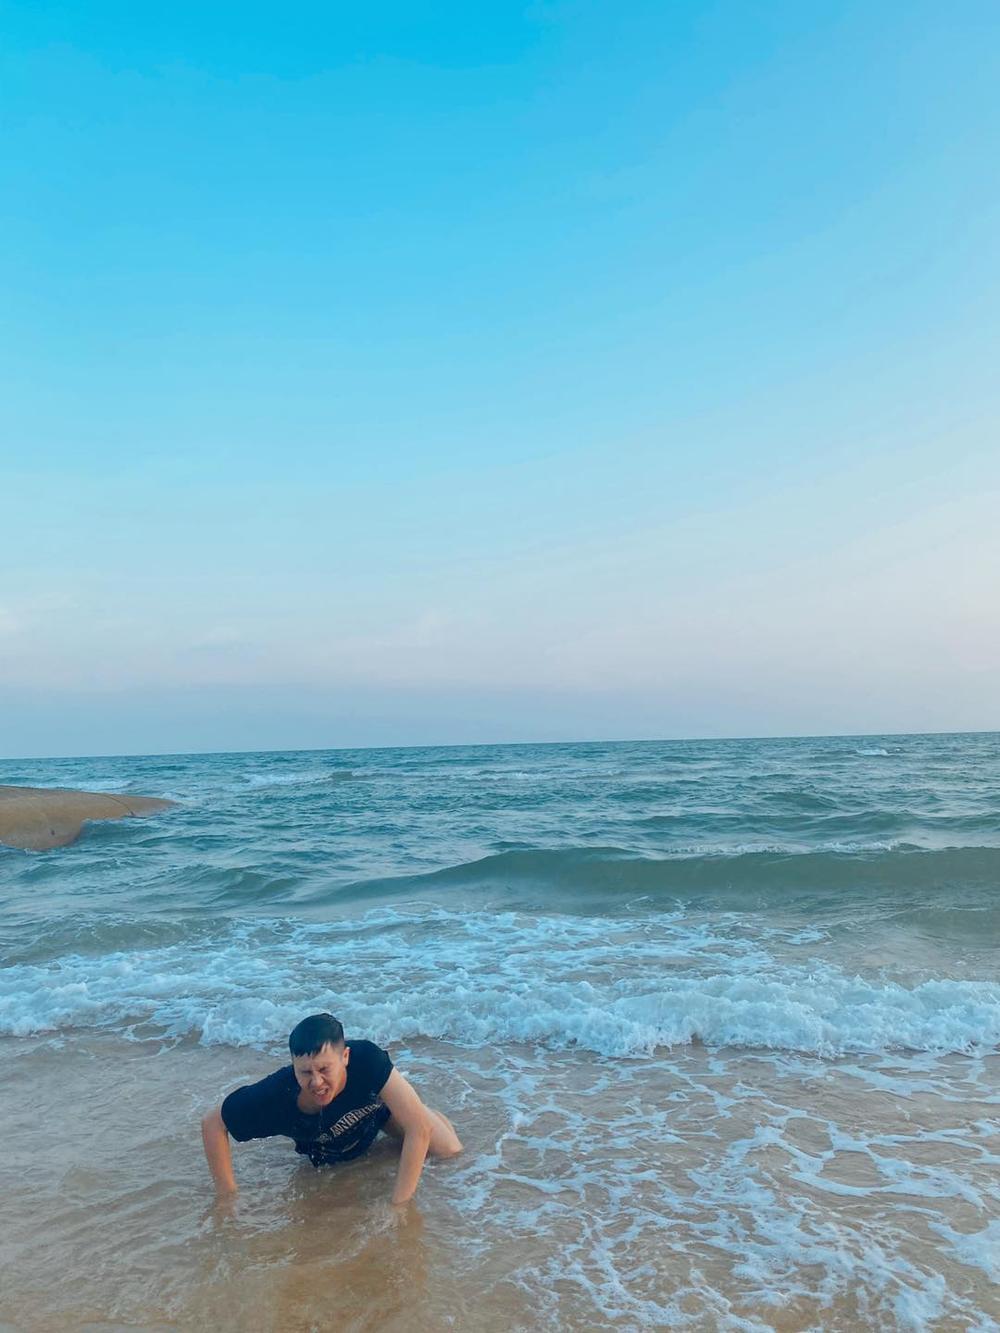 Bắt chước khoảnh khắc soái ca, Duy Khánh bất ngờ cho ra bộ sưu tập ảnh 'đuối nước' Ảnh 7